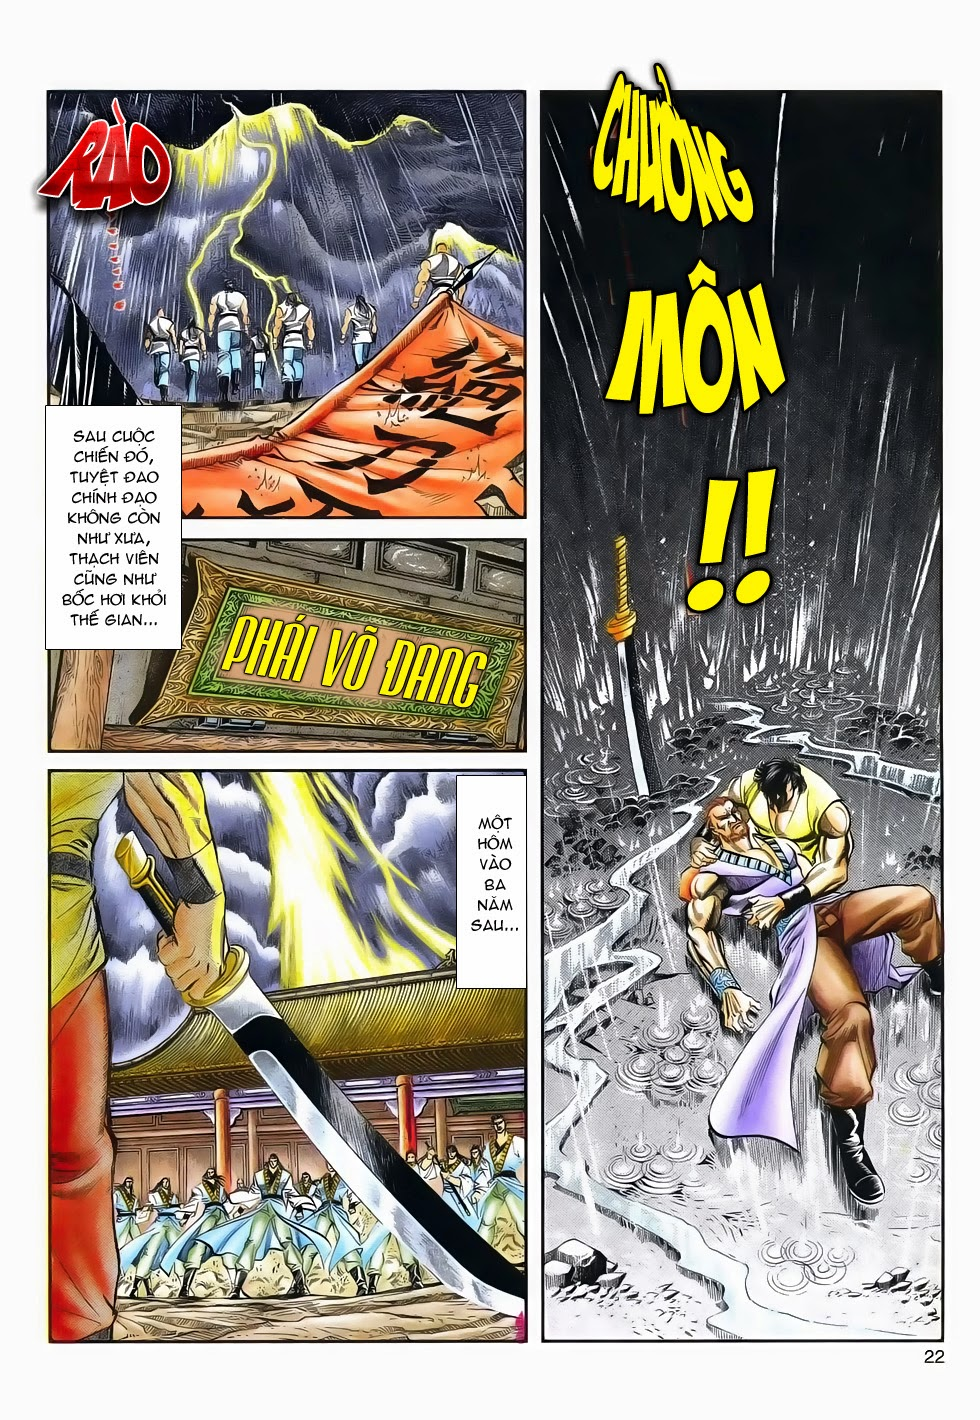 Long Hổ Phong Bạo chap 4 - Trang 21